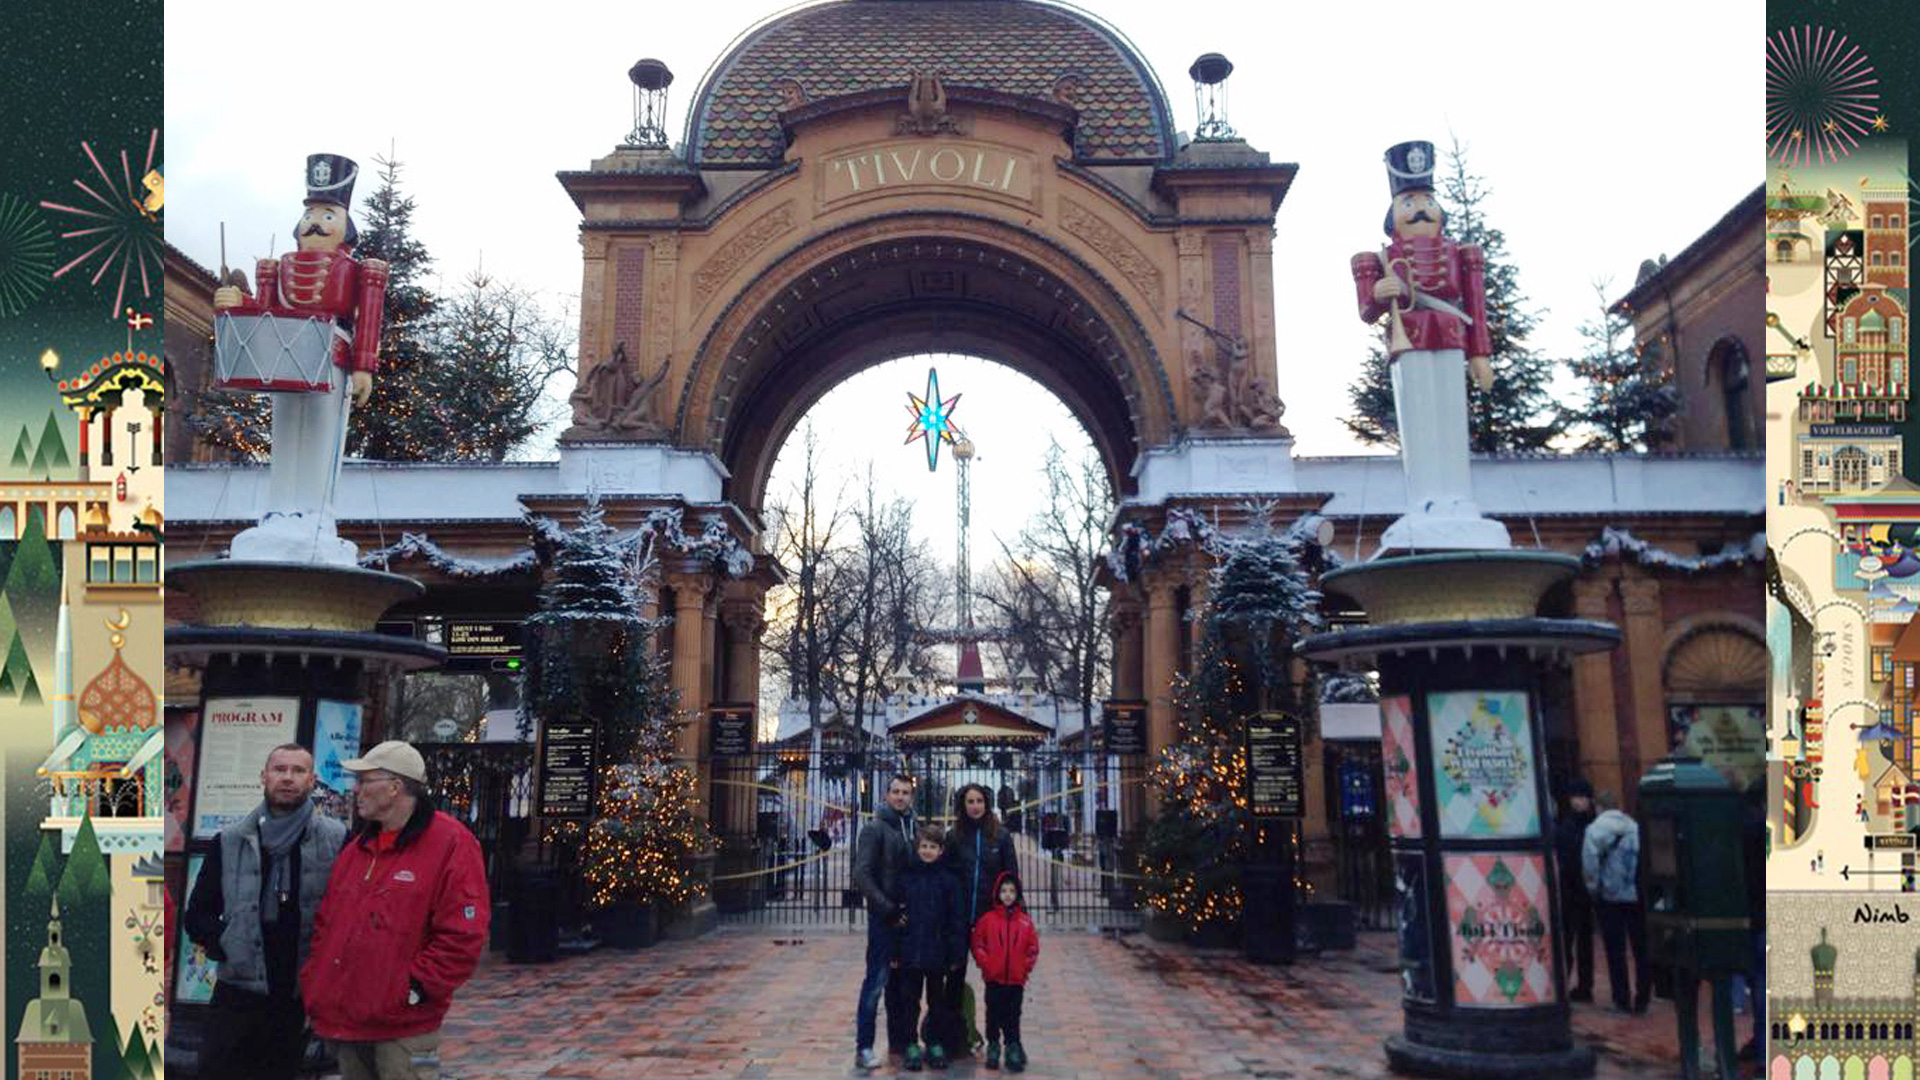 Copenhagen in famiglia come visitare i giardini di tivoli con i bambini